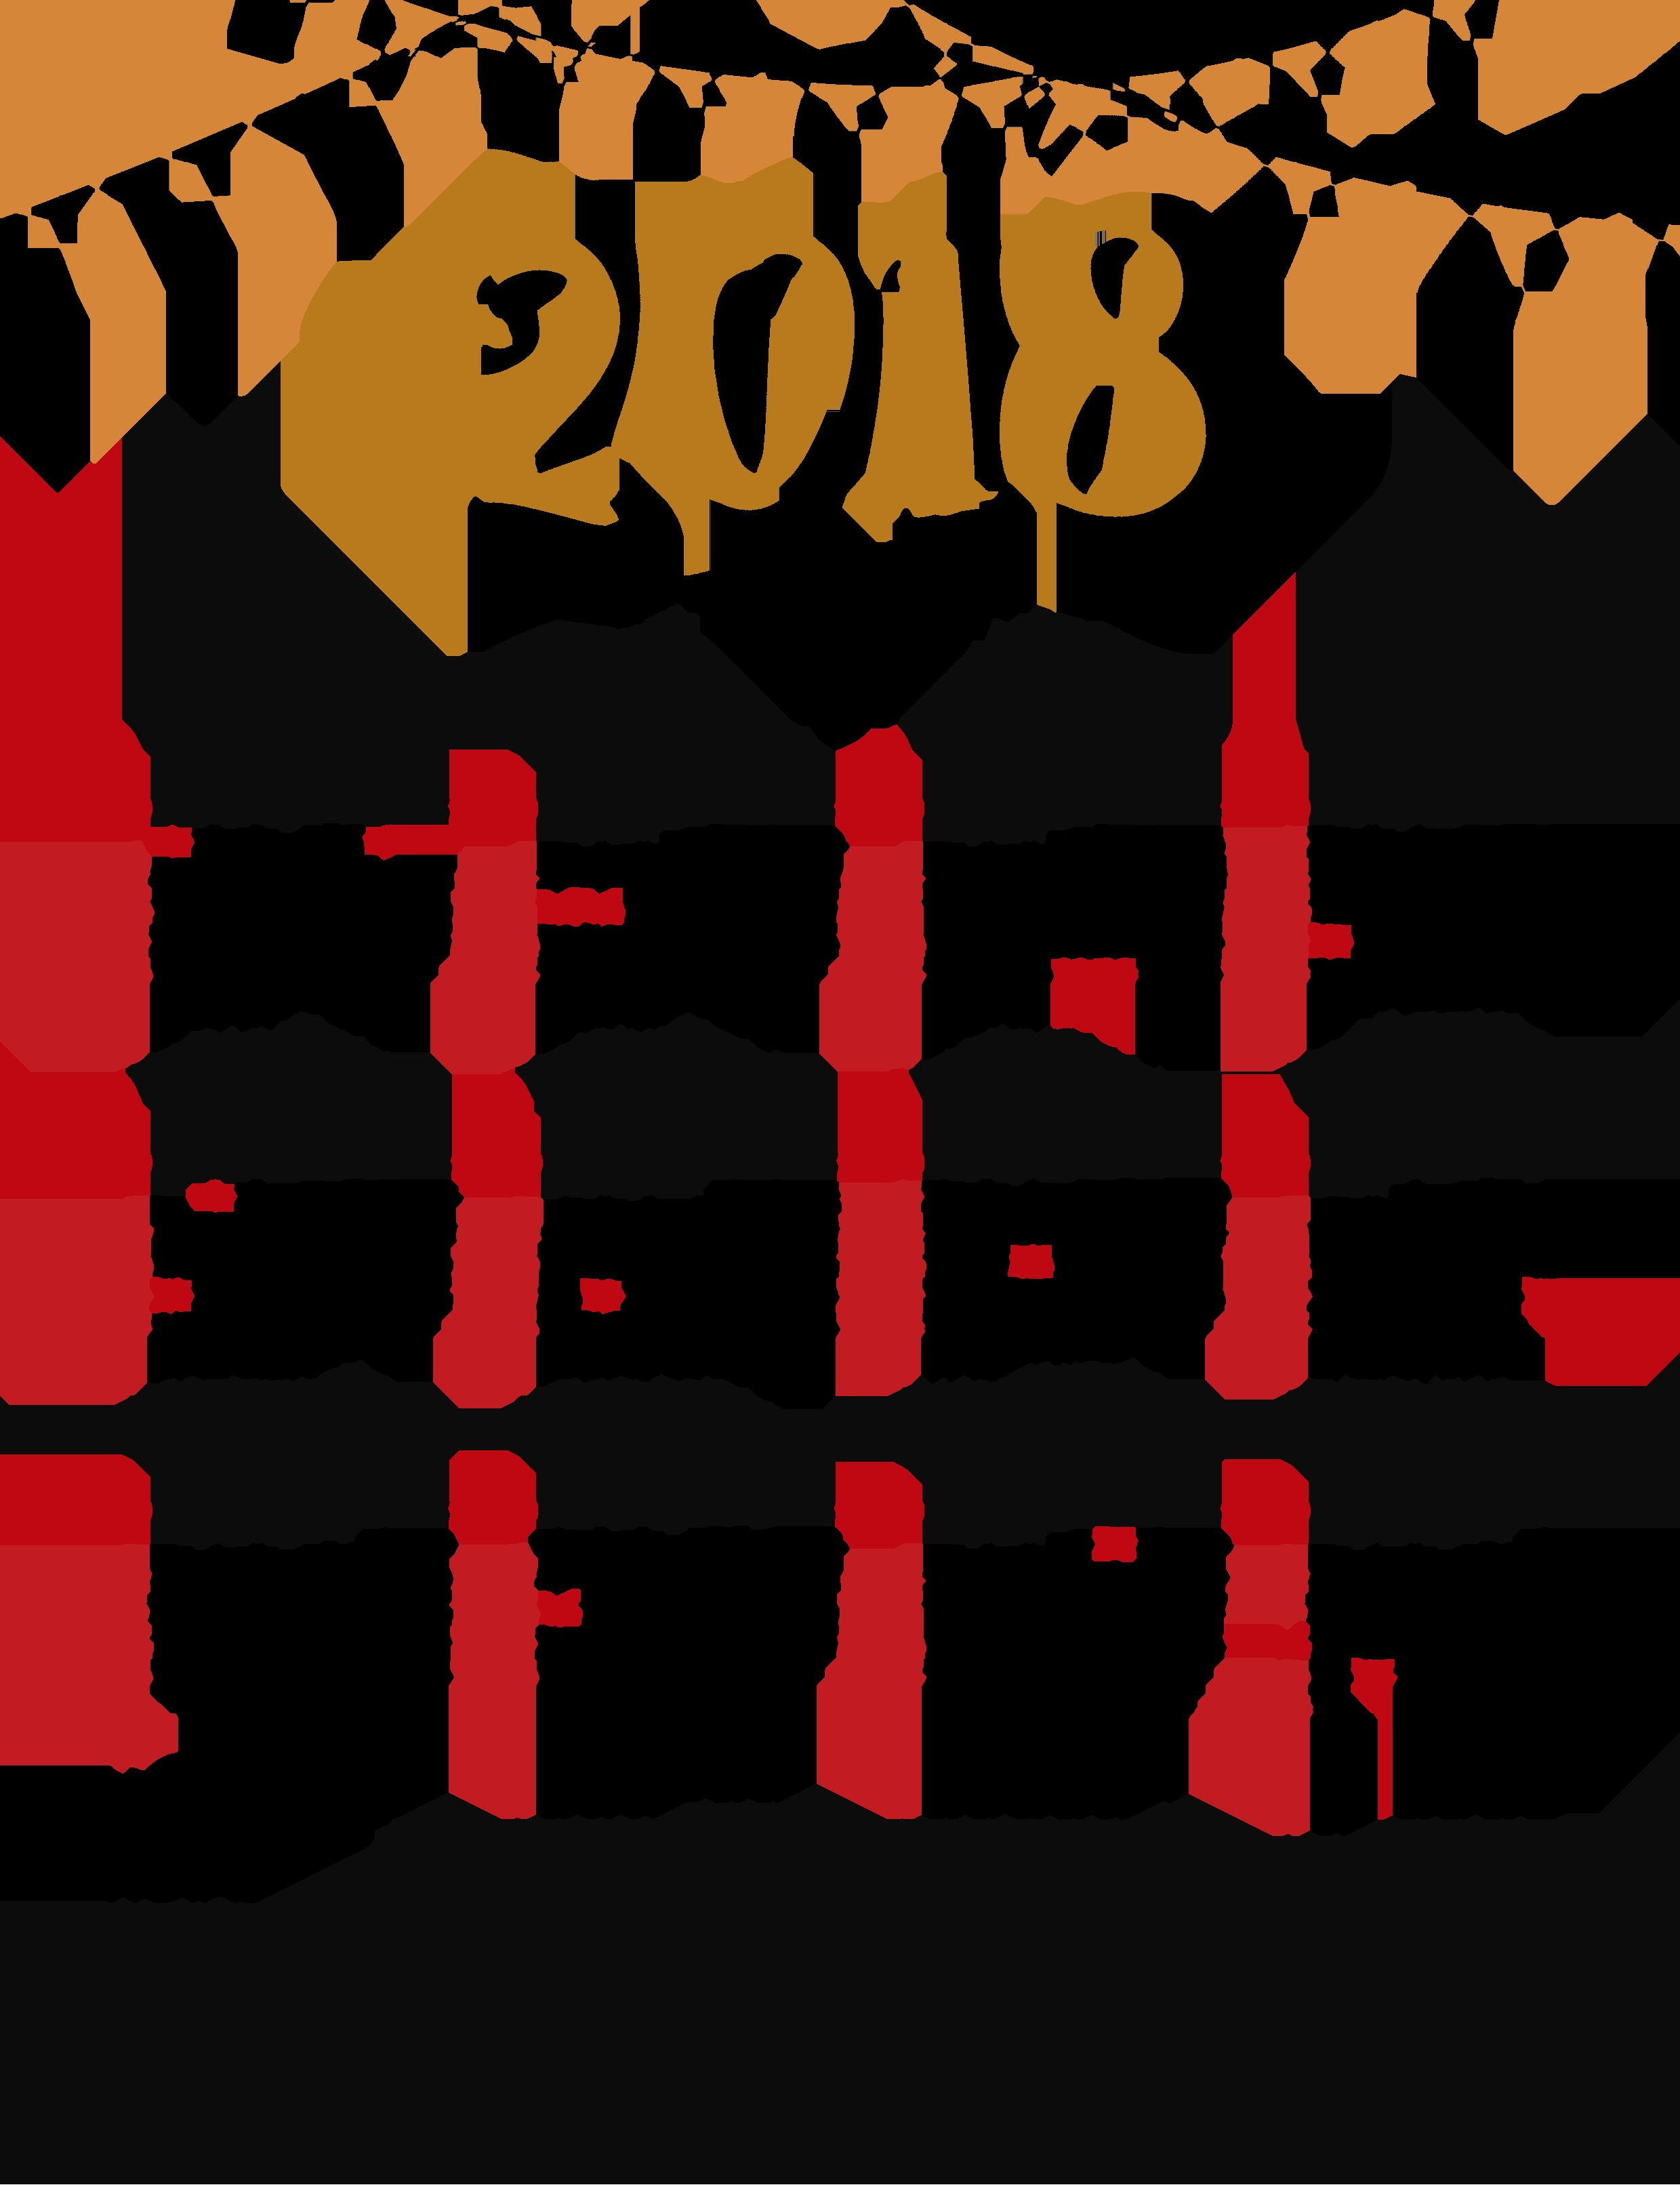 Imprimir Calendario De Agosto Más Recientemente Liberado Lief Te Regala Este Calendario 2018 Para Imprimir Y Decorar Tu Hogar Of Imprimir Calendario De Agosto Recientes Calendario Agosto 2018 Calendario 2017 Pinterest